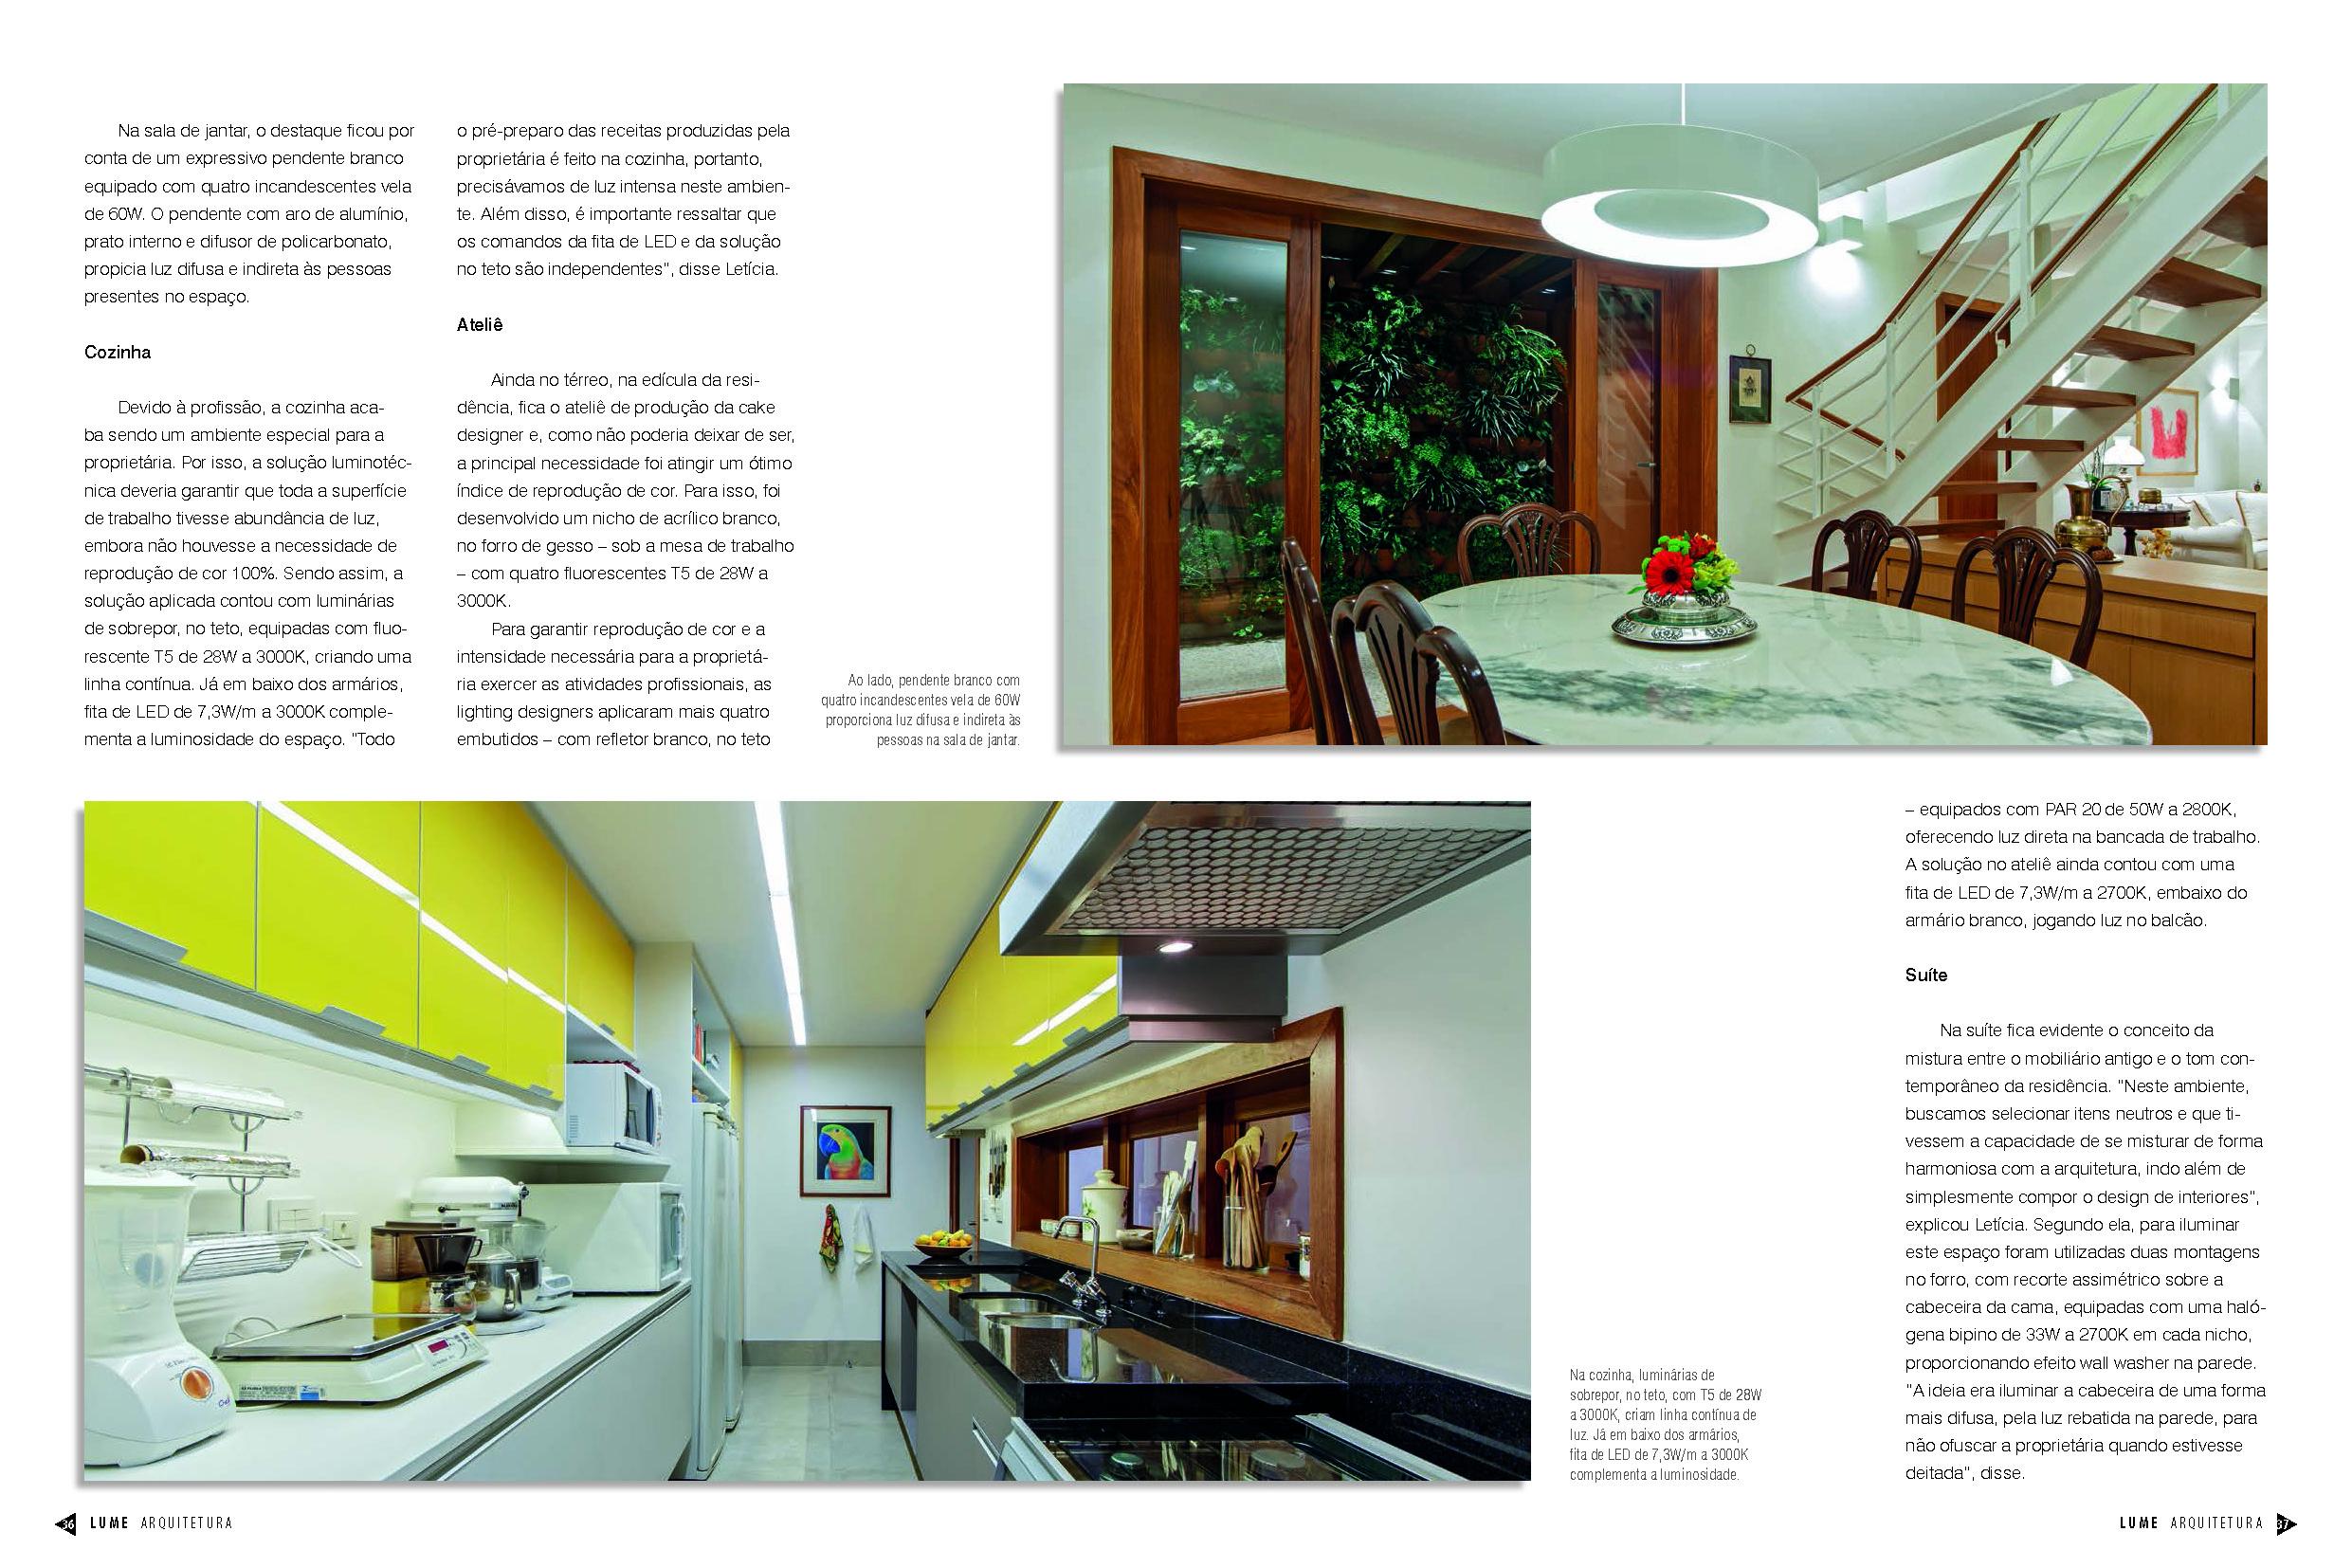 arquitetura-labarquitetos-residencial-publicação-lume-03